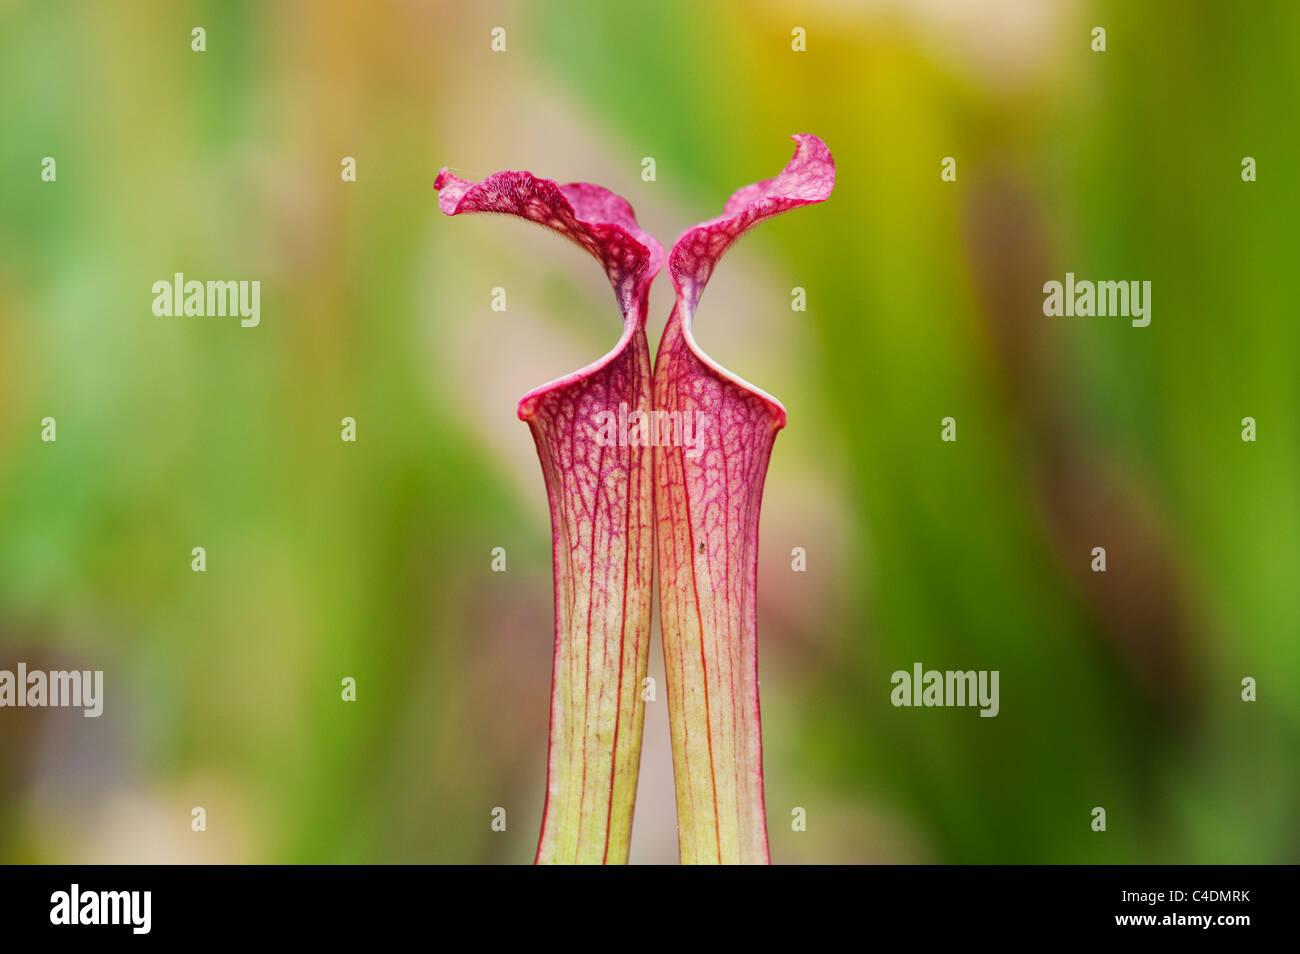 Sarracenia x farnhamii.  Pitcher plant. Carnivorous plant - Stock Image